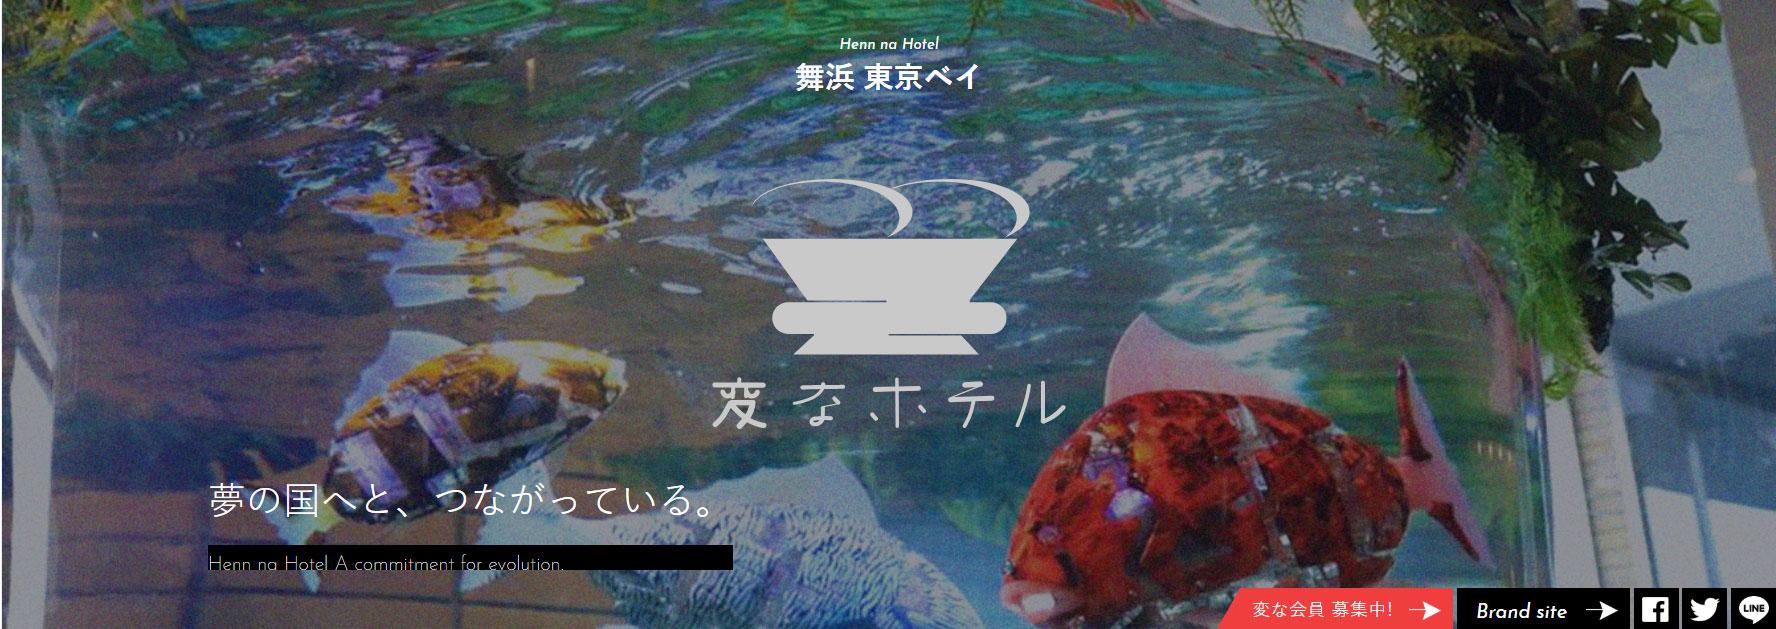 ★変なホテル舞浜 東京ベイ★ HPリニューアルしました!!